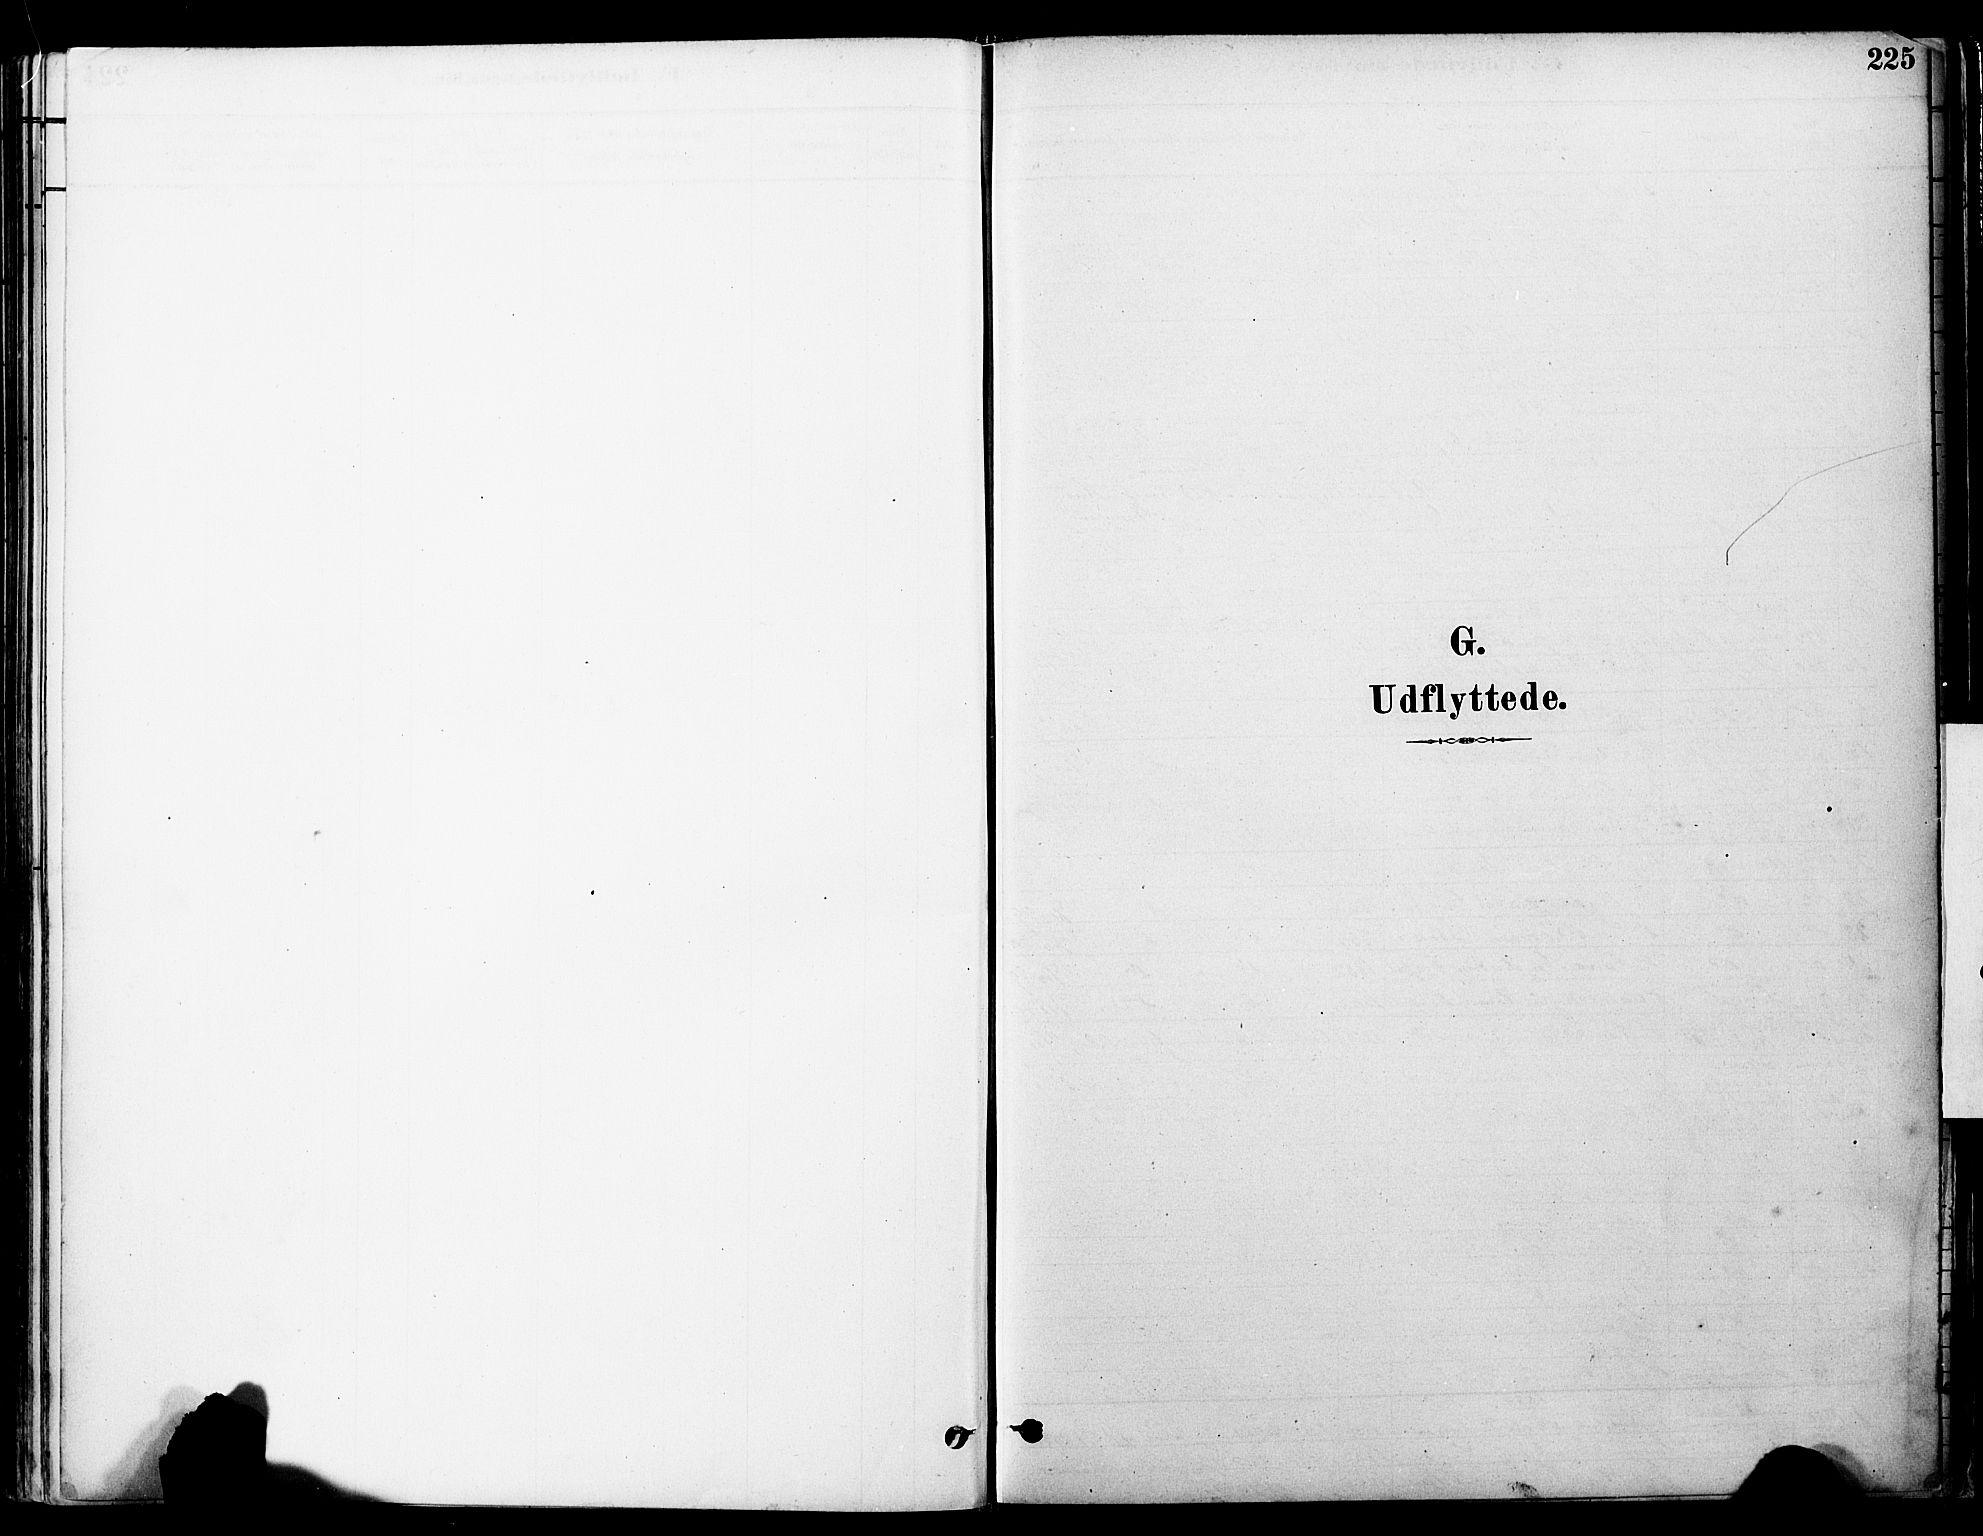 SAT, Ministerialprotokoller, klokkerbøker og fødselsregistre - Sør-Trøndelag, 681/L0933: Ministerialbok nr. 681A11, 1879-1890, s. 225